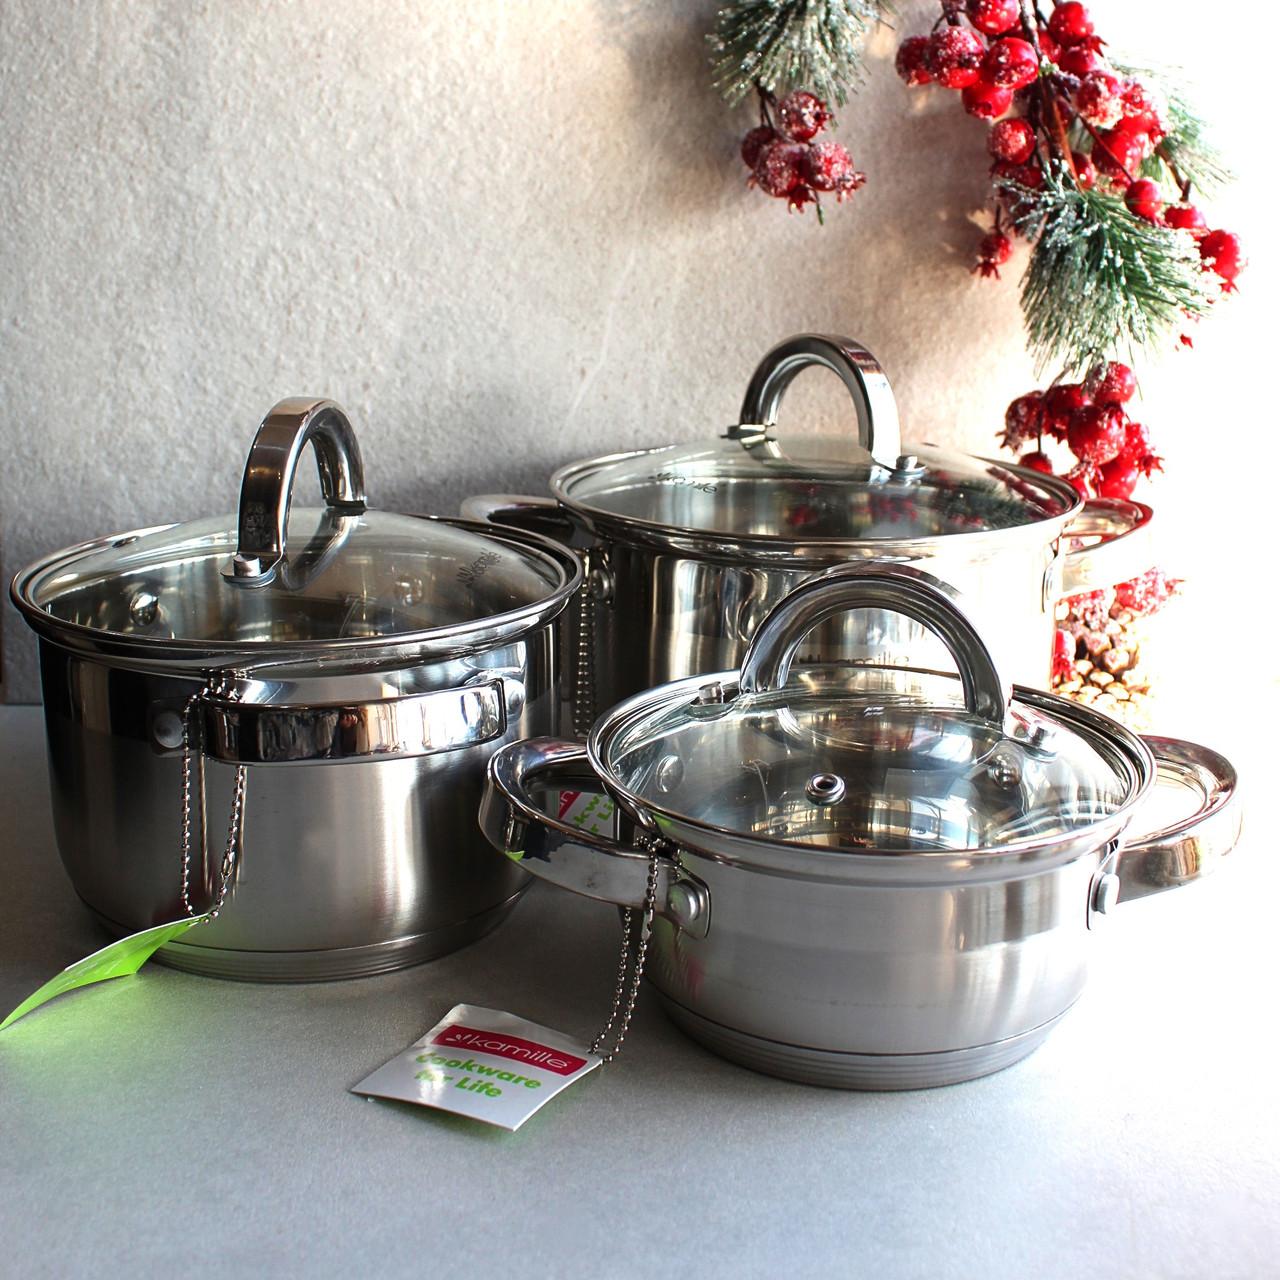 Набір каструль Kamille посуд з нержавіючої сталі 3 каструлі для приготування їжі для індукції